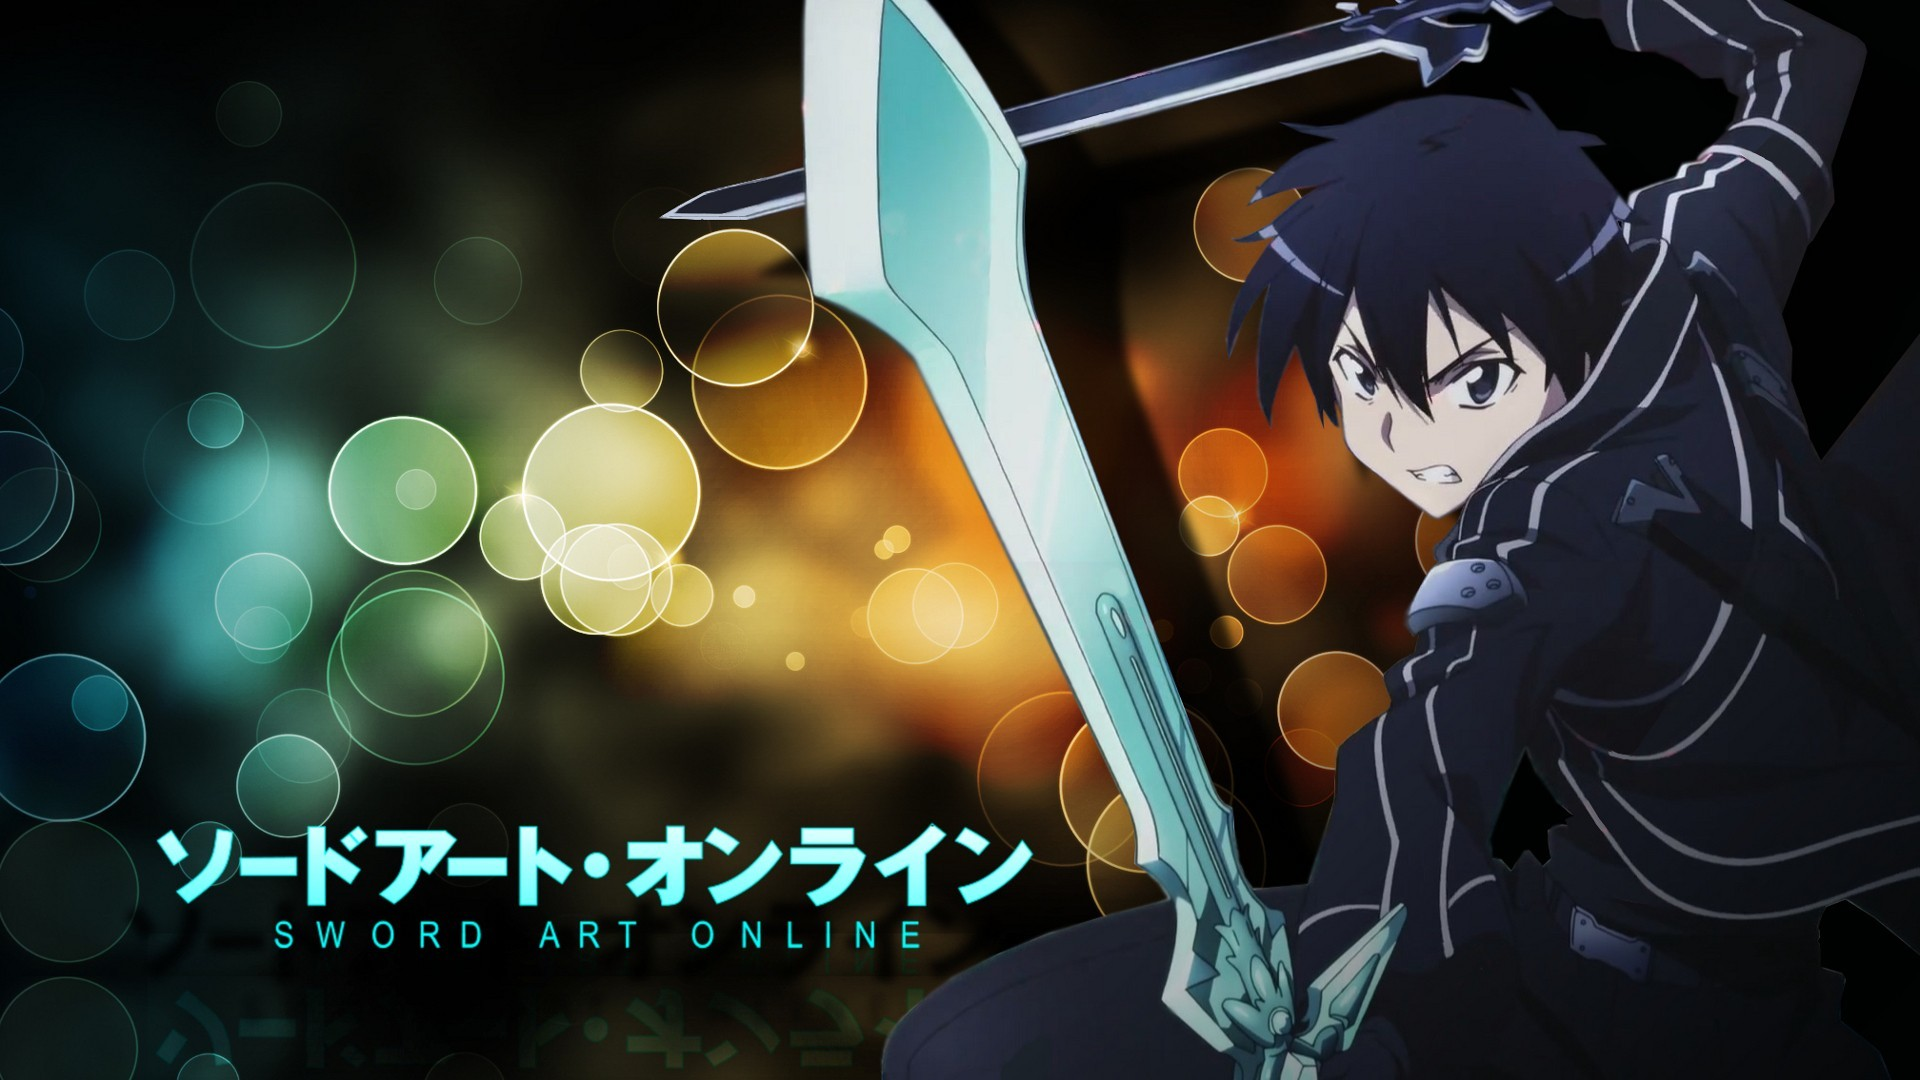 Sword Art Online Computer Wallpapers, Desktop Backgrounds | .